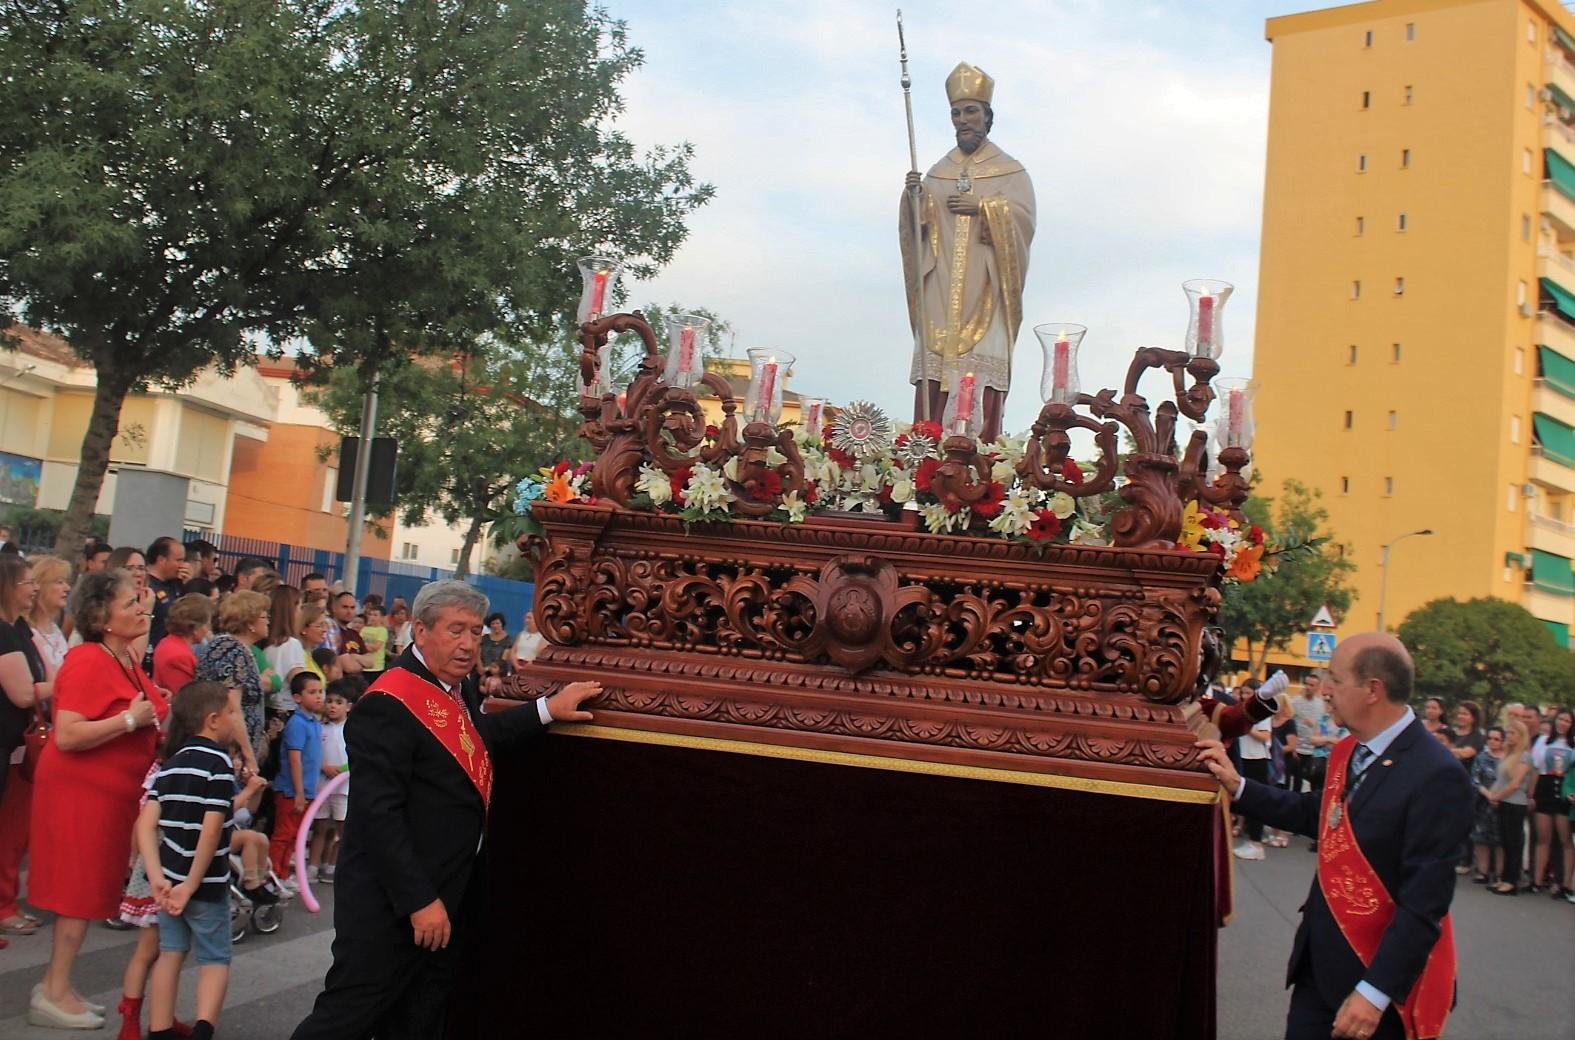 La procesión pone el colofón a los actos y cultos en honor de San Eufrasio